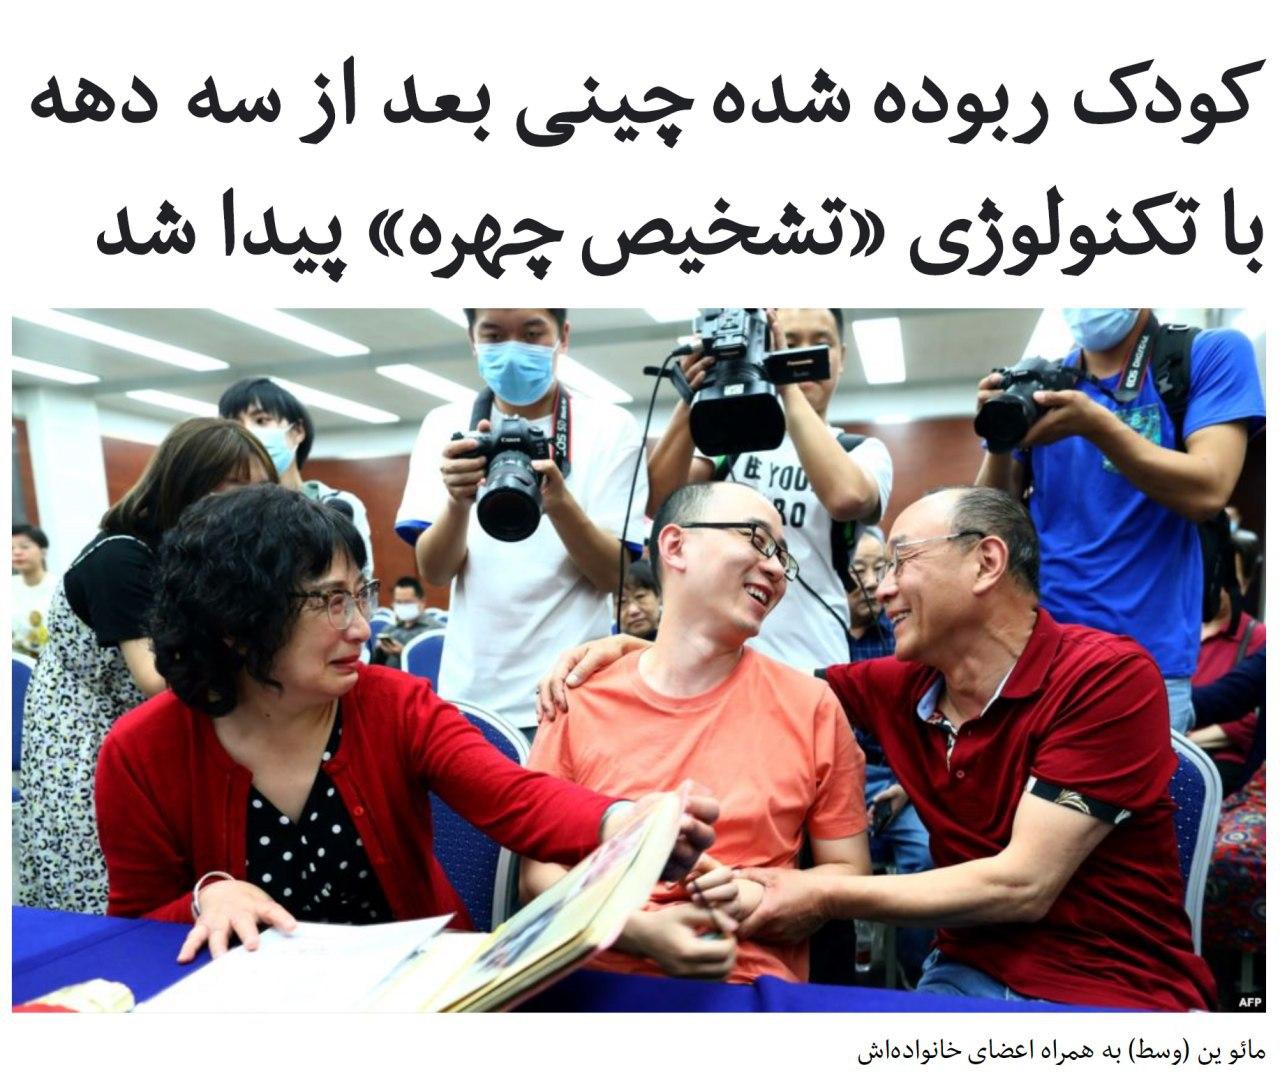 رسانههای چینی گزارش دادهاند … 020811001589934005